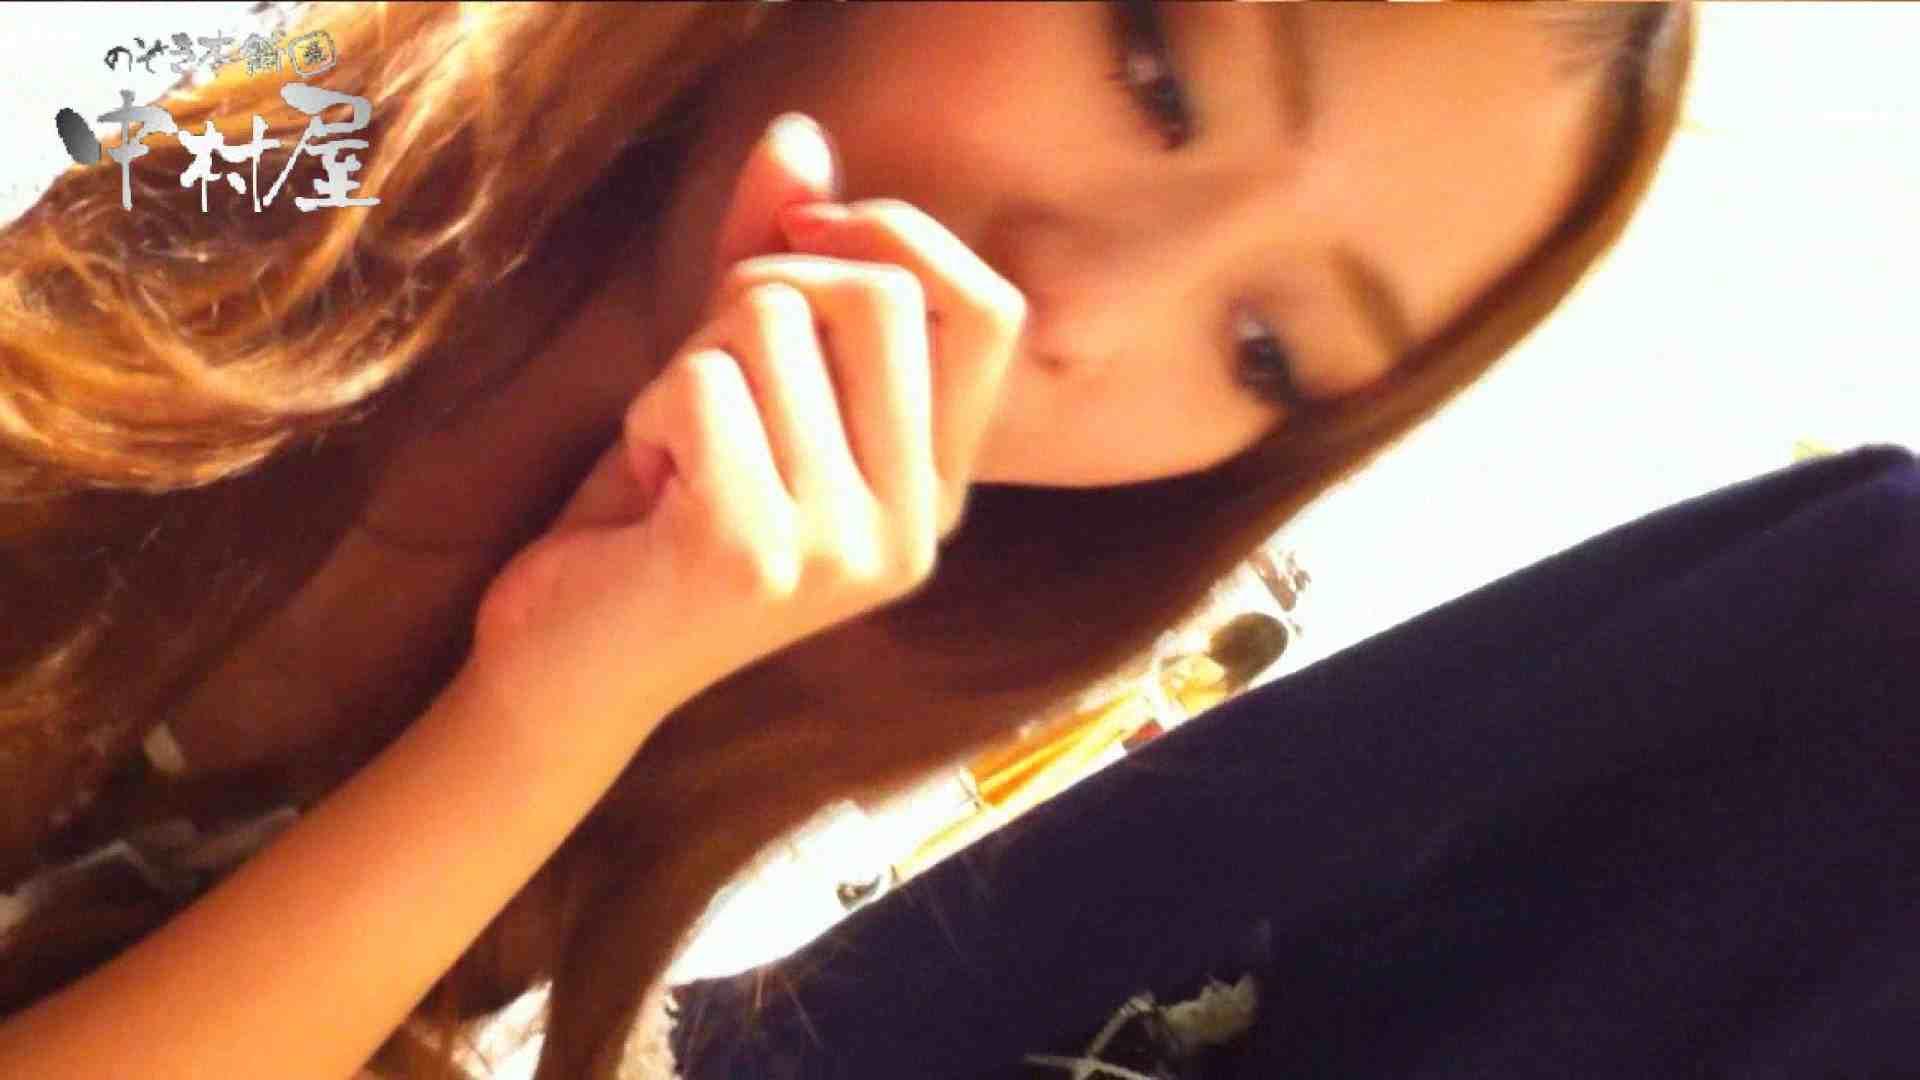 vol.62 美人アパレル胸チラ&パンチラ 笑顔のチャーミングなおねぃさん 胸チラ   チラ  102PICs 31